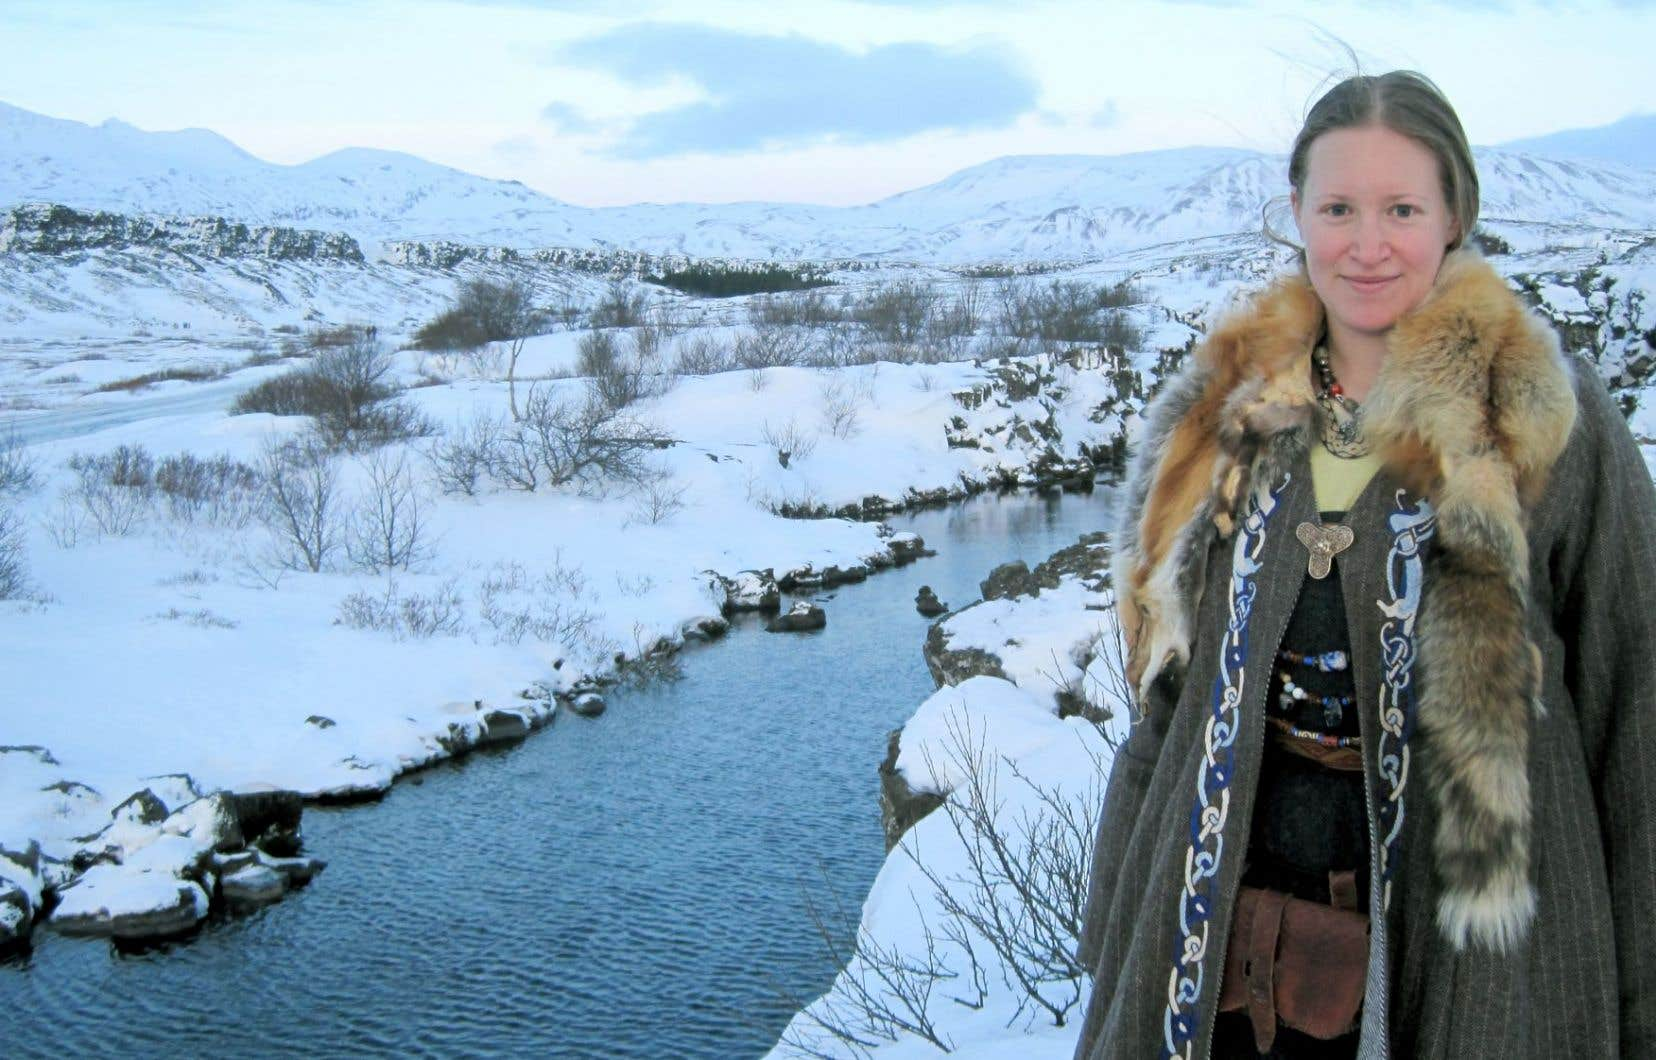 La passion de Karyn Bellamy-Dagneau pour l'histoire du Moyen Âge nordique l'a amenée à voyager pour ses études dans plusieurs pays, dont l'Islande